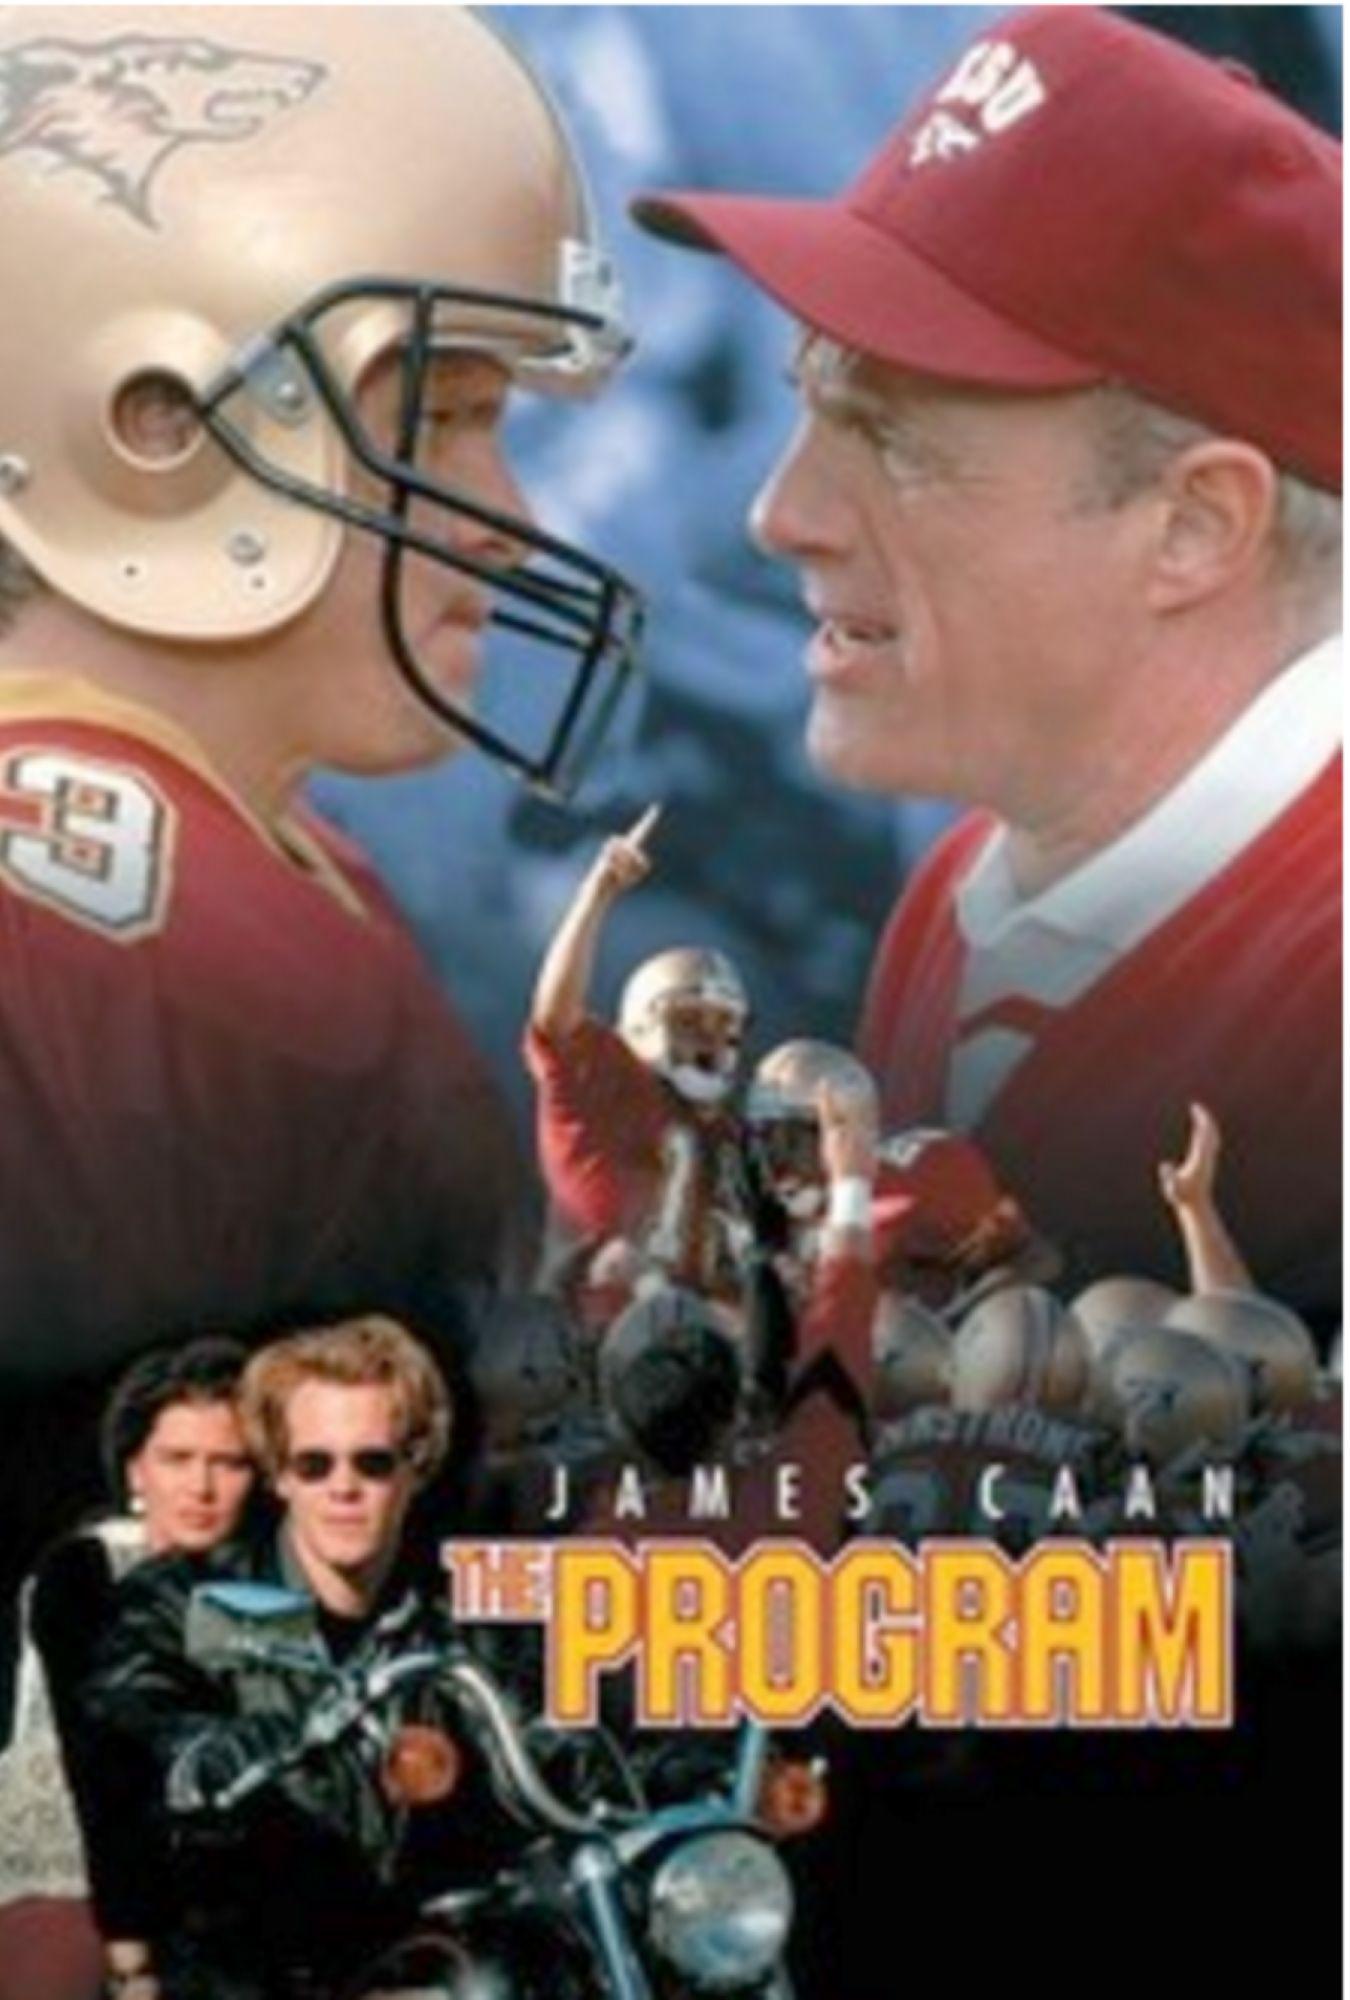 05-The-Program.jpg